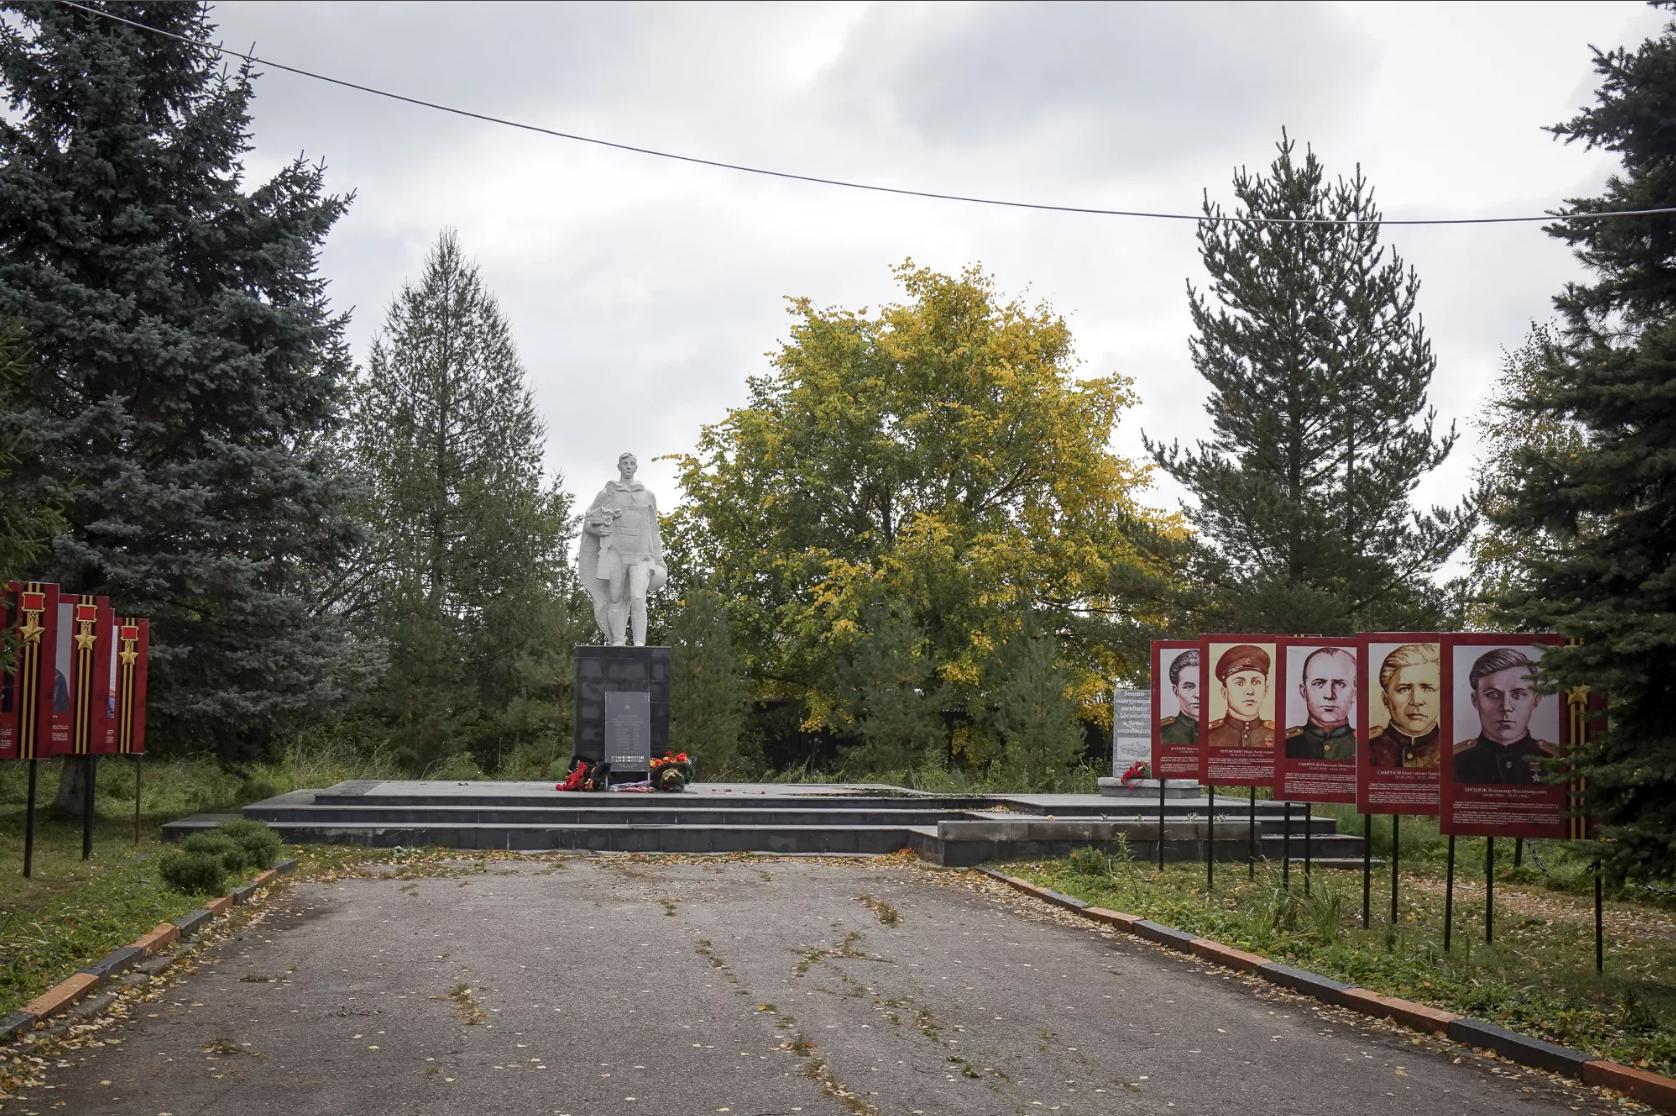 Памятник мантуровскому Алеше (Мантурово)